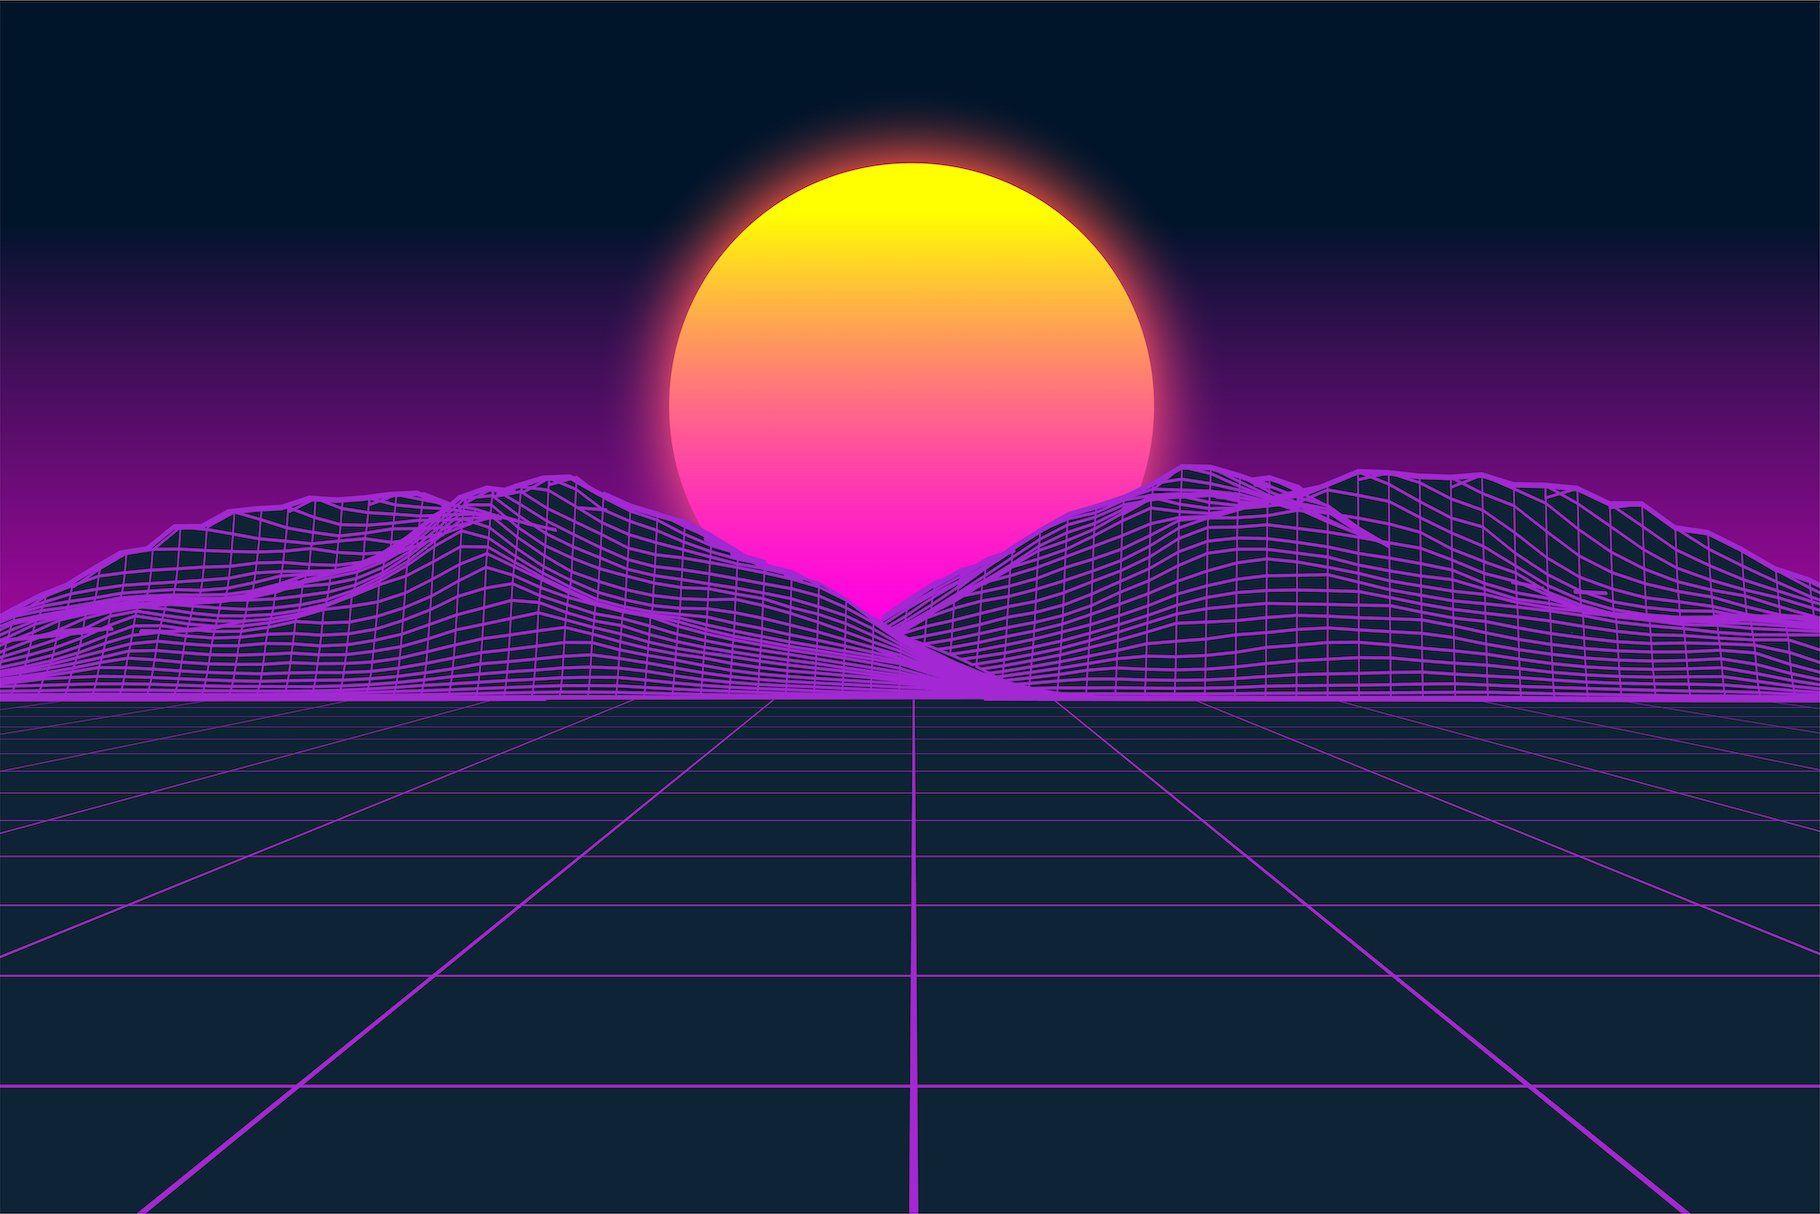 Vaporfuturism Otf Retrowave Font Vaporwave Wallpaper Vaporwave Music Poster Design